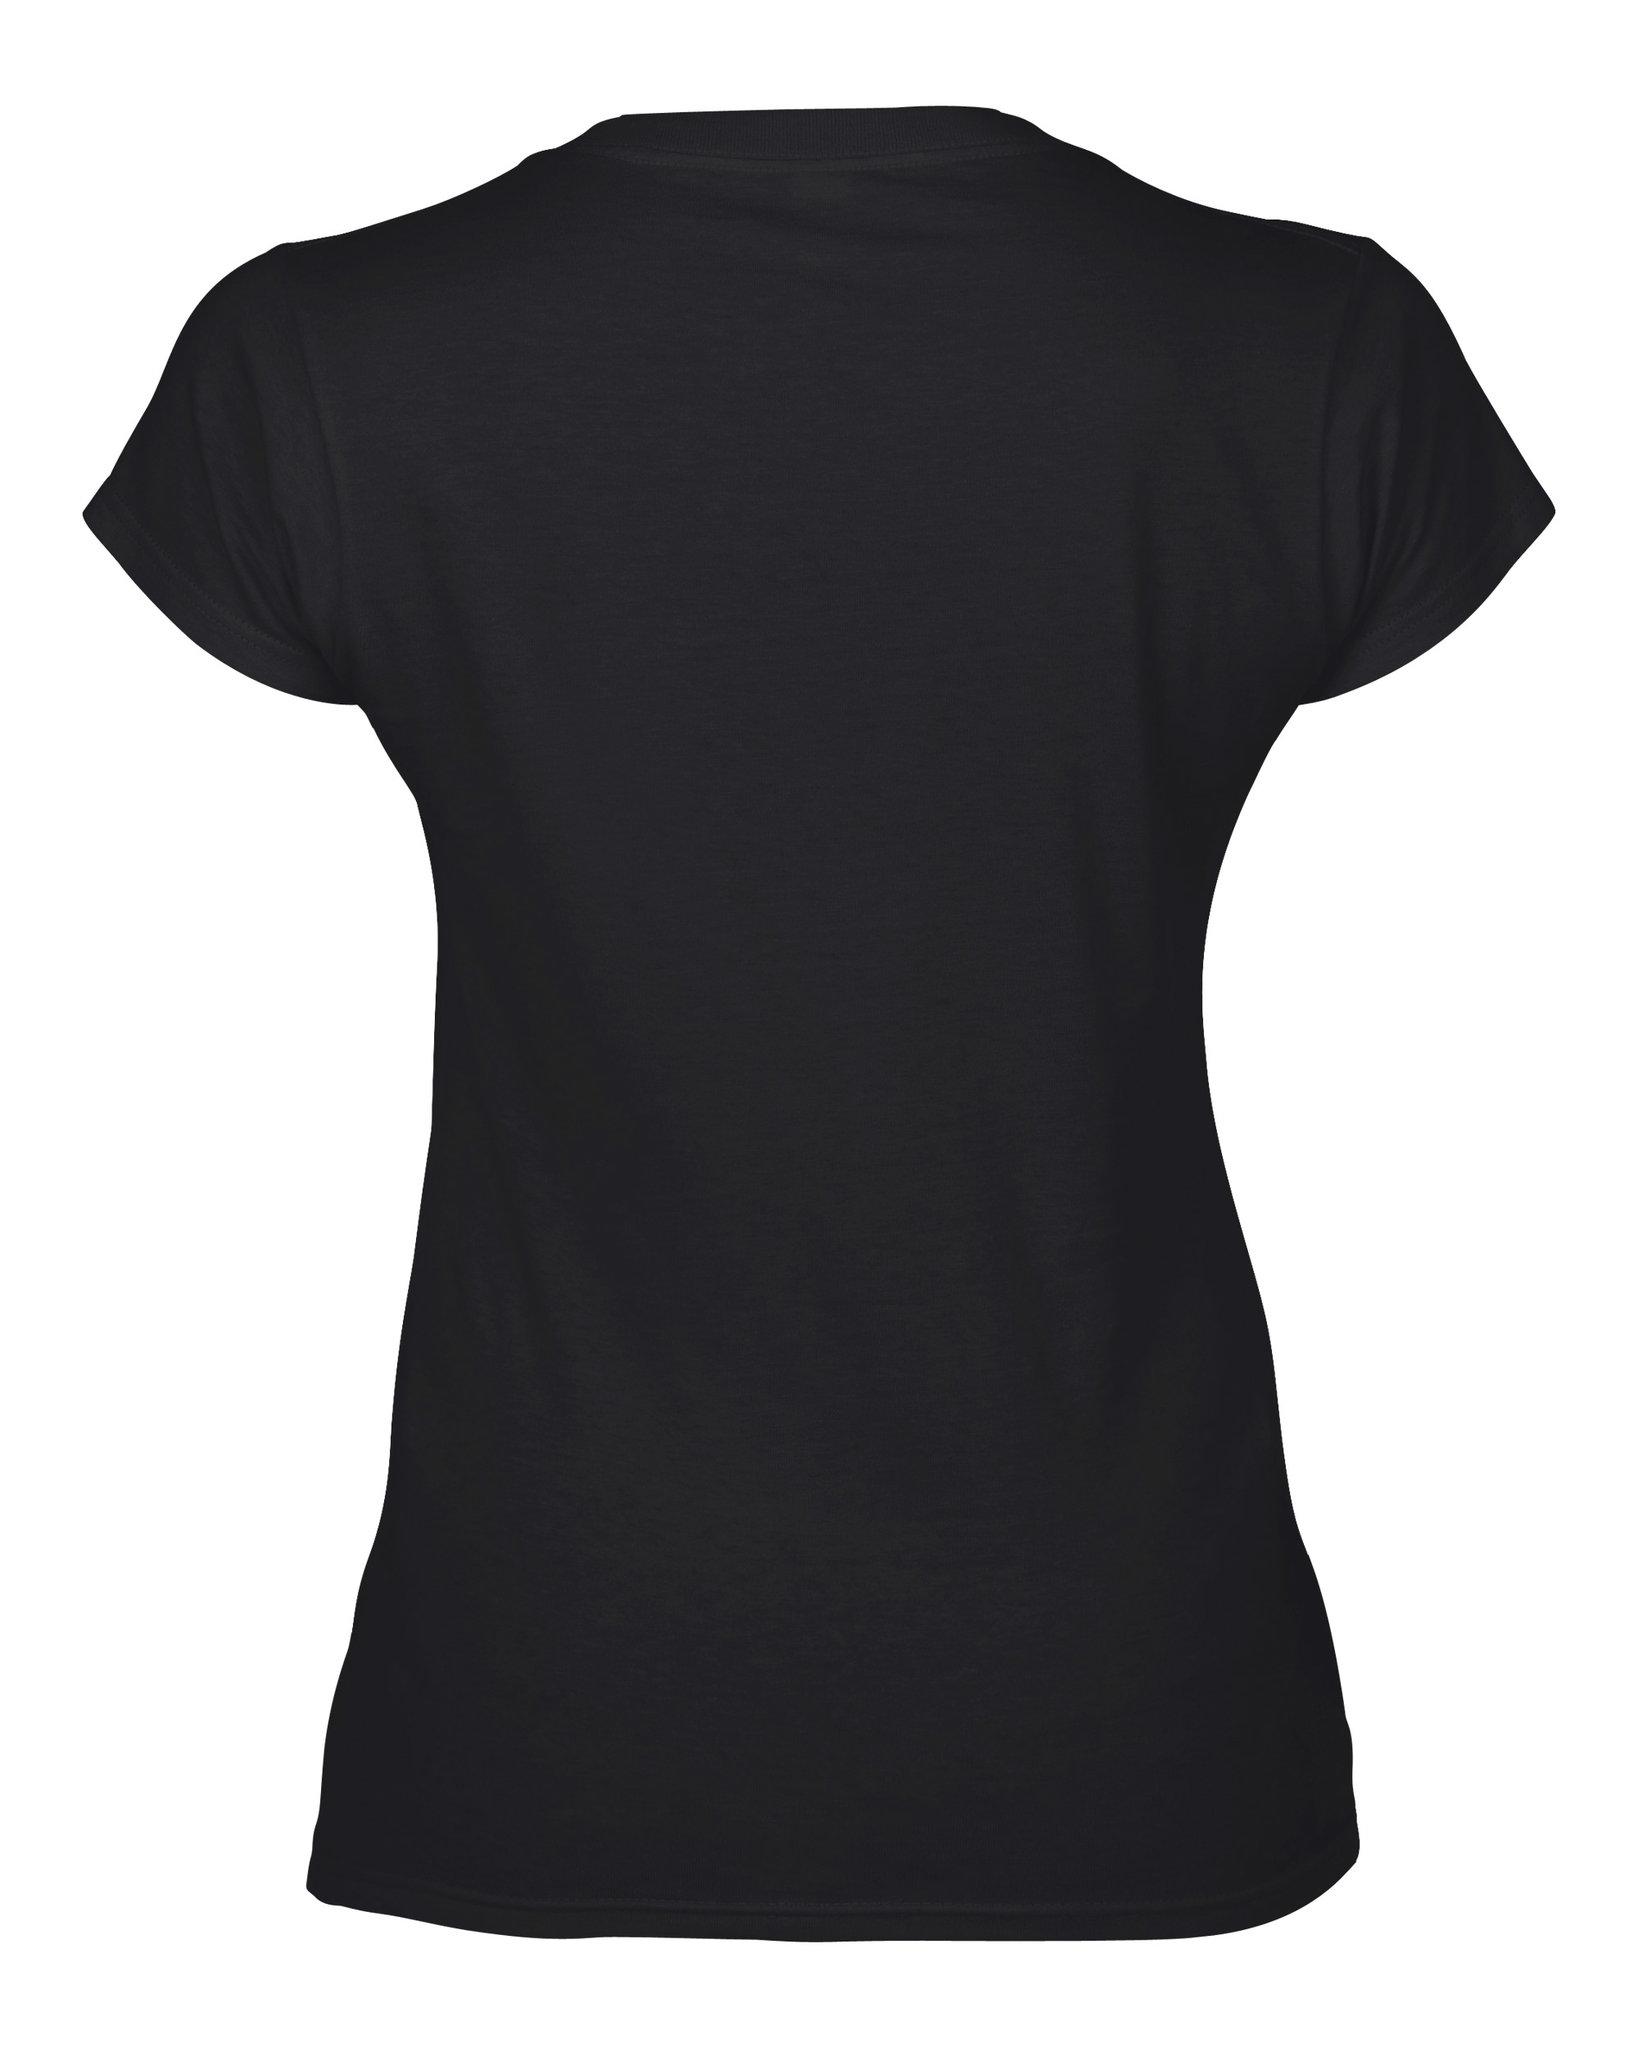 T-shirt promotionnel pour femme Necky - t-shirt publicitaire